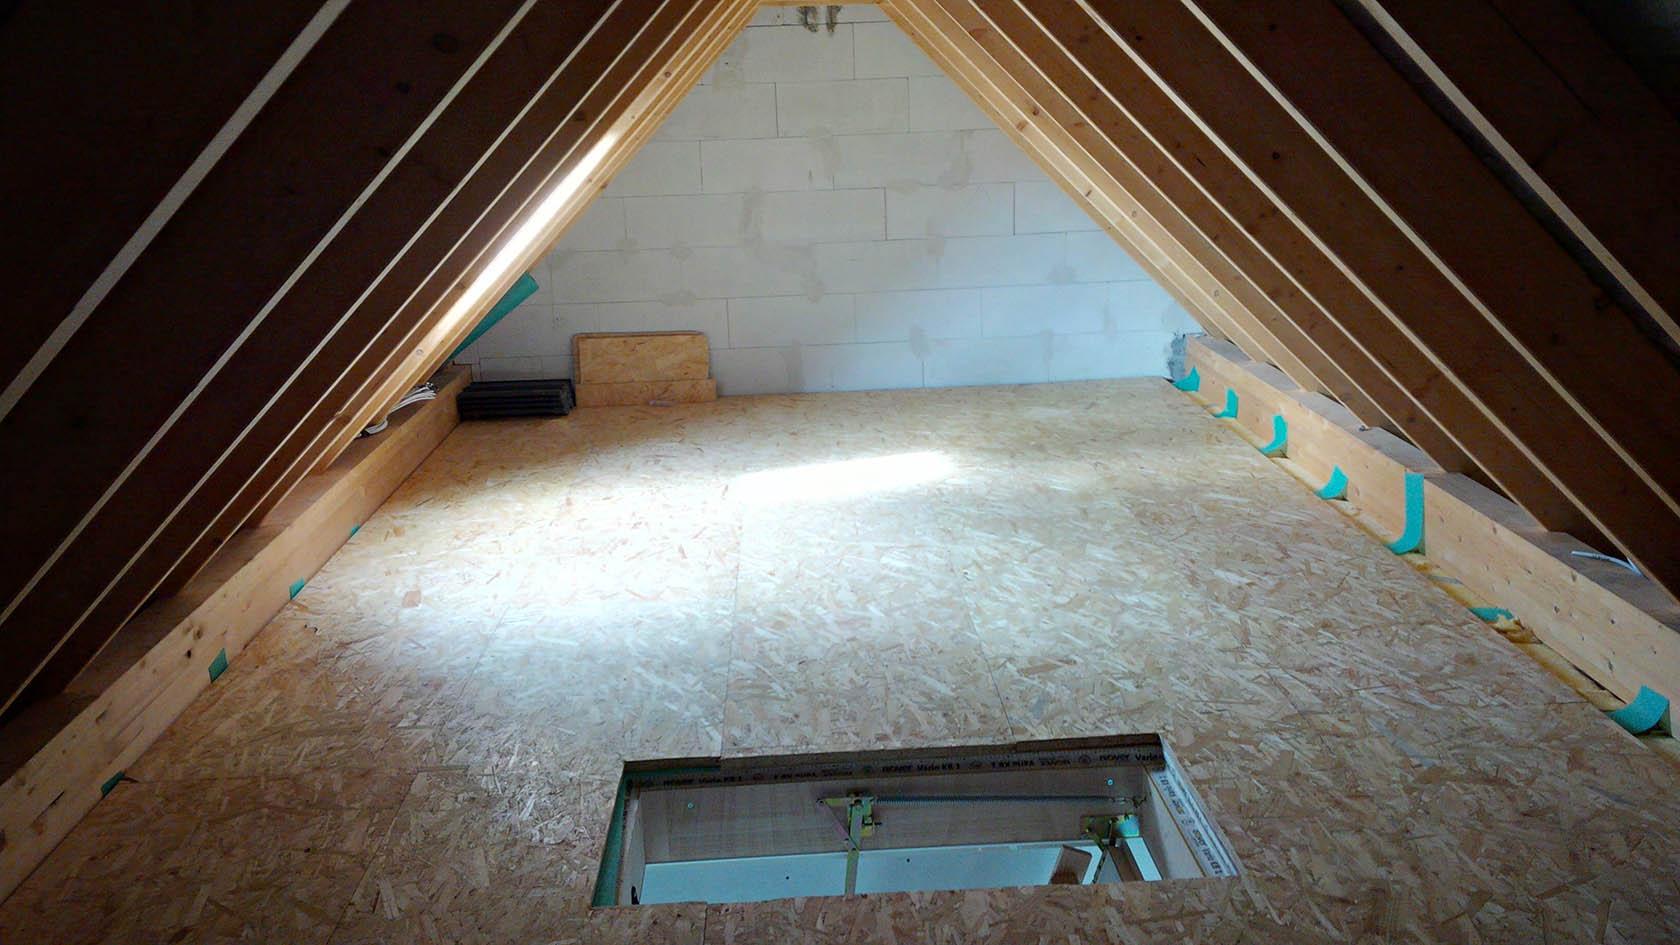 Fußboden Verlegen Mit Osb ~ Dachbodenausbau fußboden osb anleitung osb platten richtig